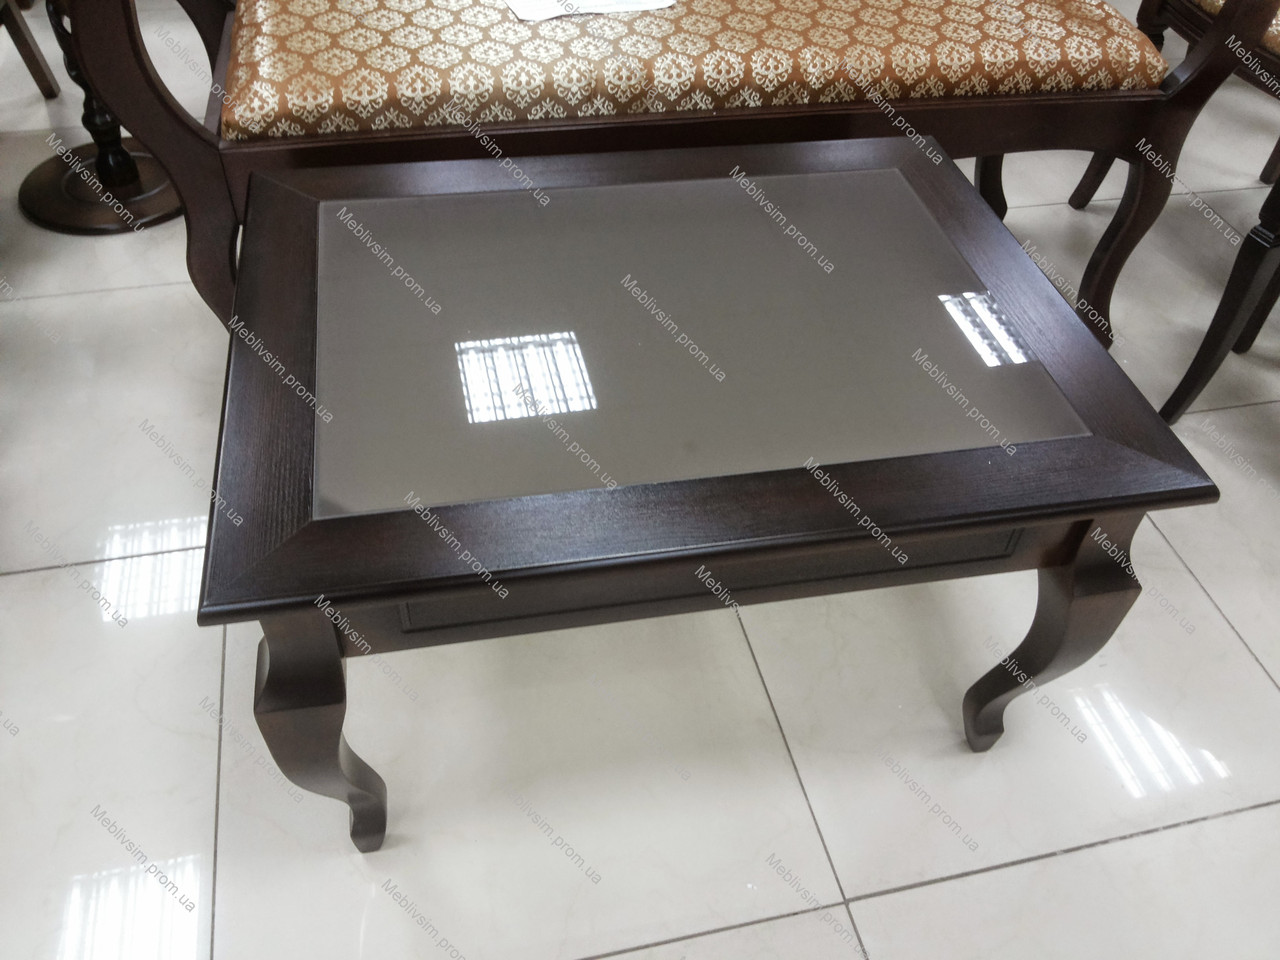 Стіл журнальний прямокутний зі скляною стільницею Рим-2 Модуль люкс, колір темний горіх